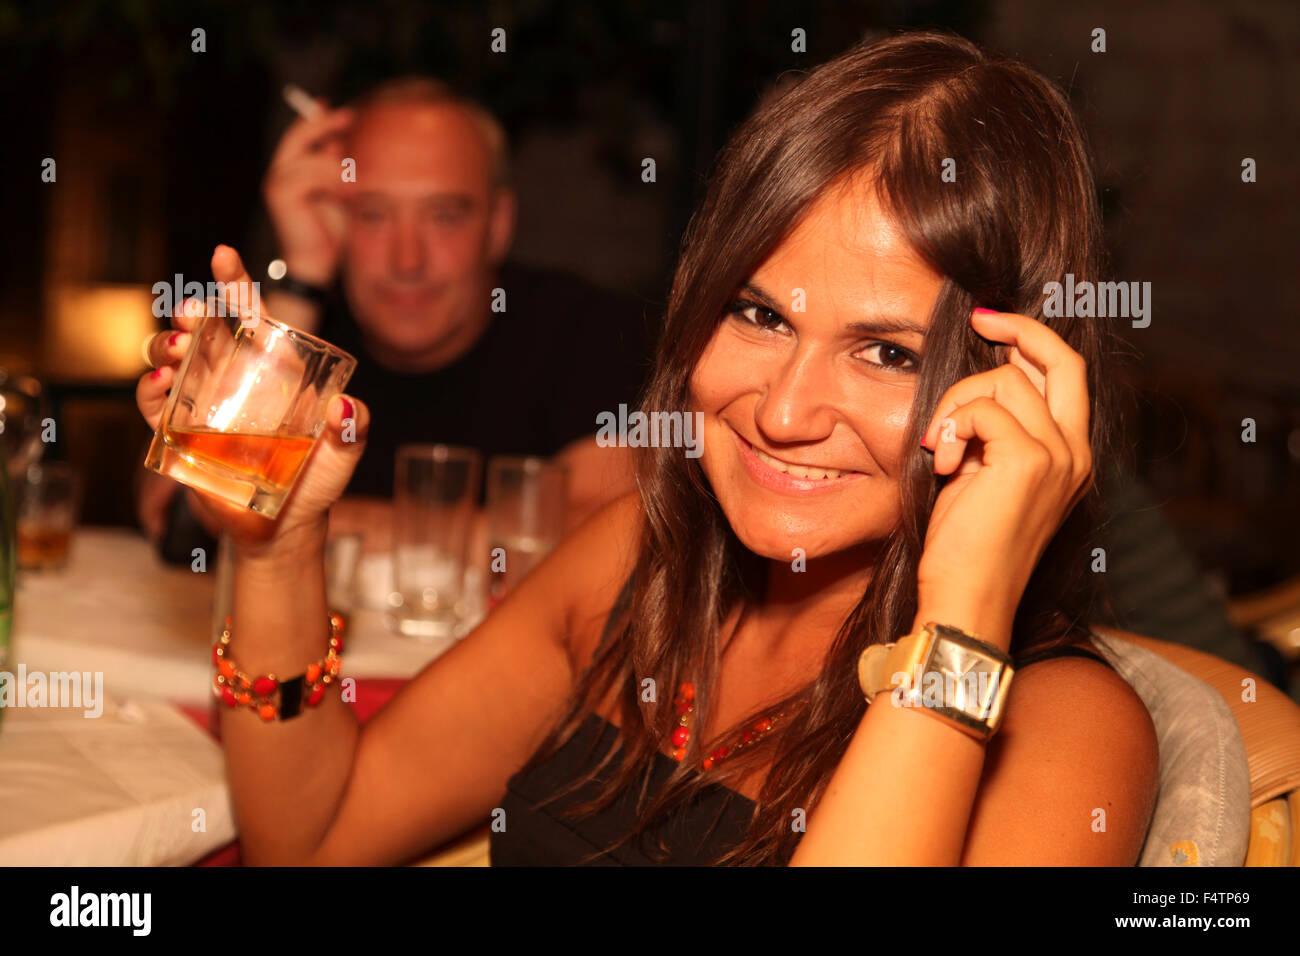 You beautiful serbians croatians girls consider